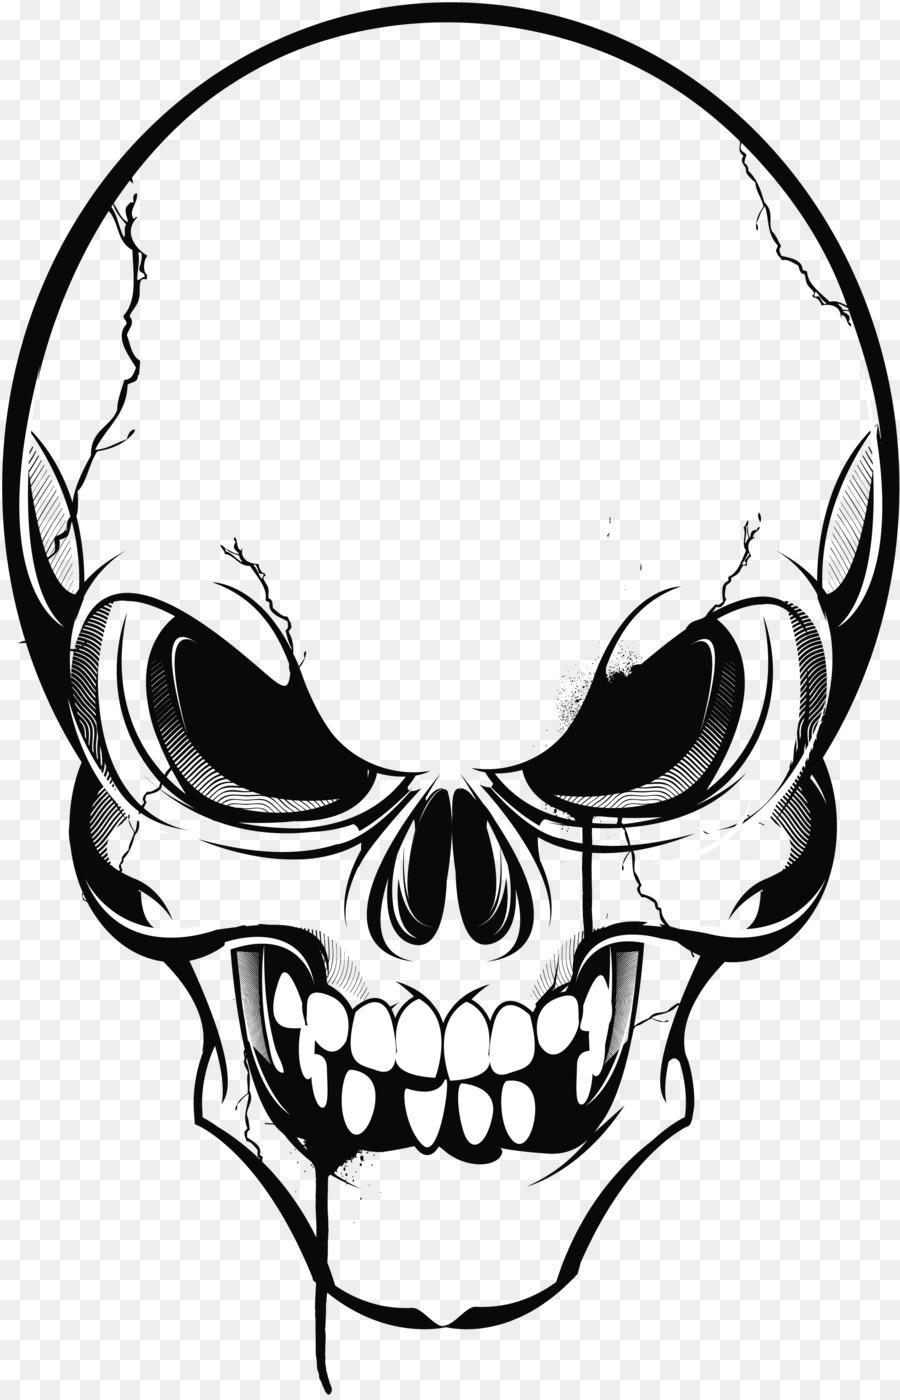 Descarga gratuita de Calavera, Cráneo, Dibujo Imágen de Png